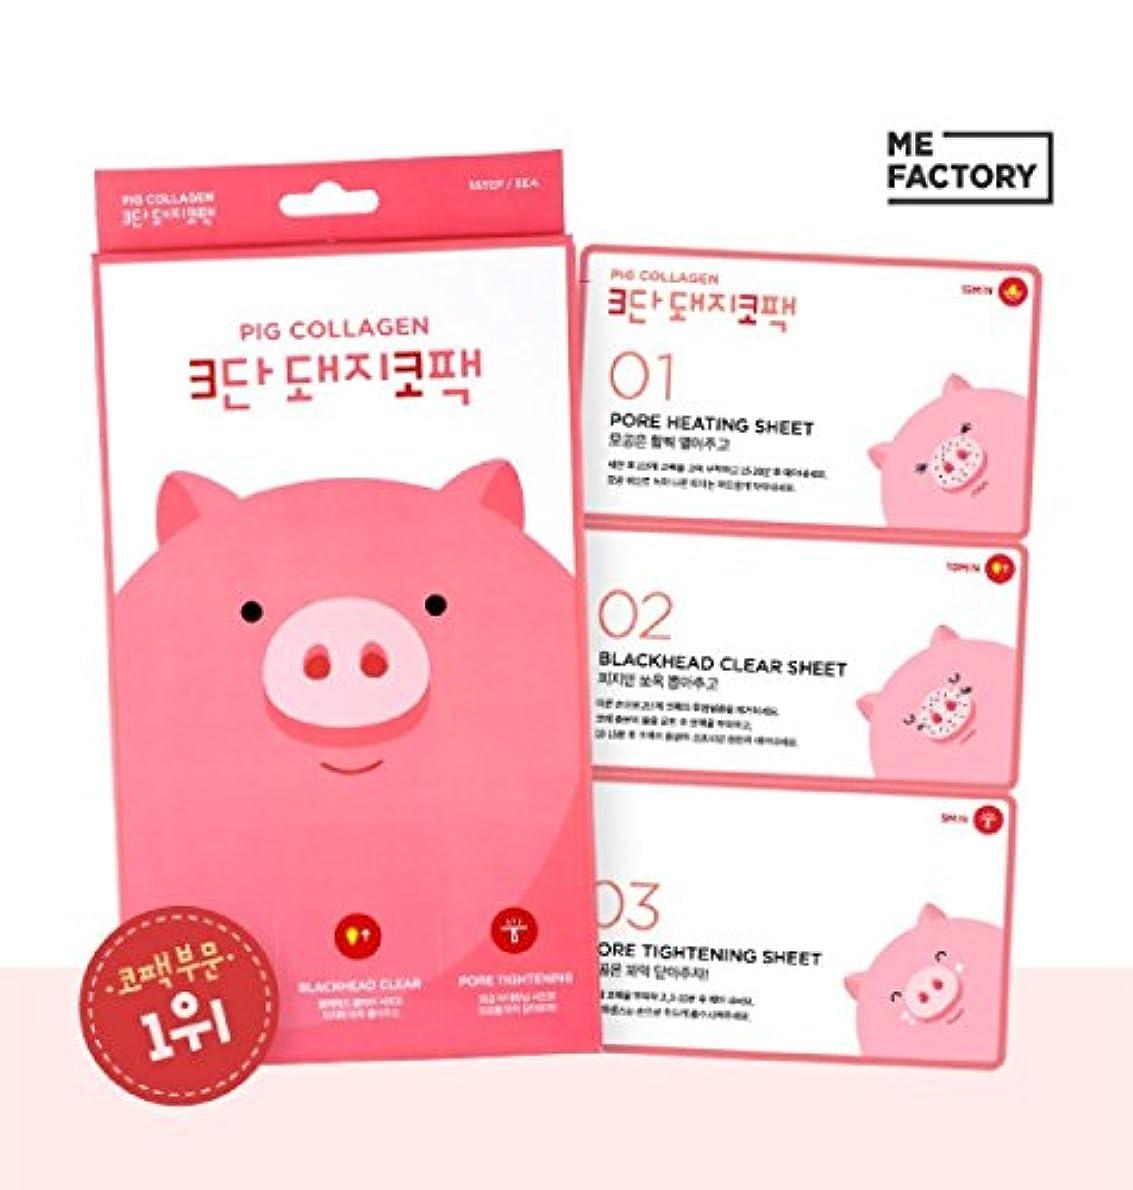 ポルティコ明示的に霜【米ファクトリー/ me factory]韓国化粧品/ Me Factory Pig Collagen 3 Step Kit Pig Nose Mask Pack X 5 Piece/米ファクトリー3段豚コペク(5枚)フィジー削除、コペクおすすめ+[Sample Gift](海外直送品)